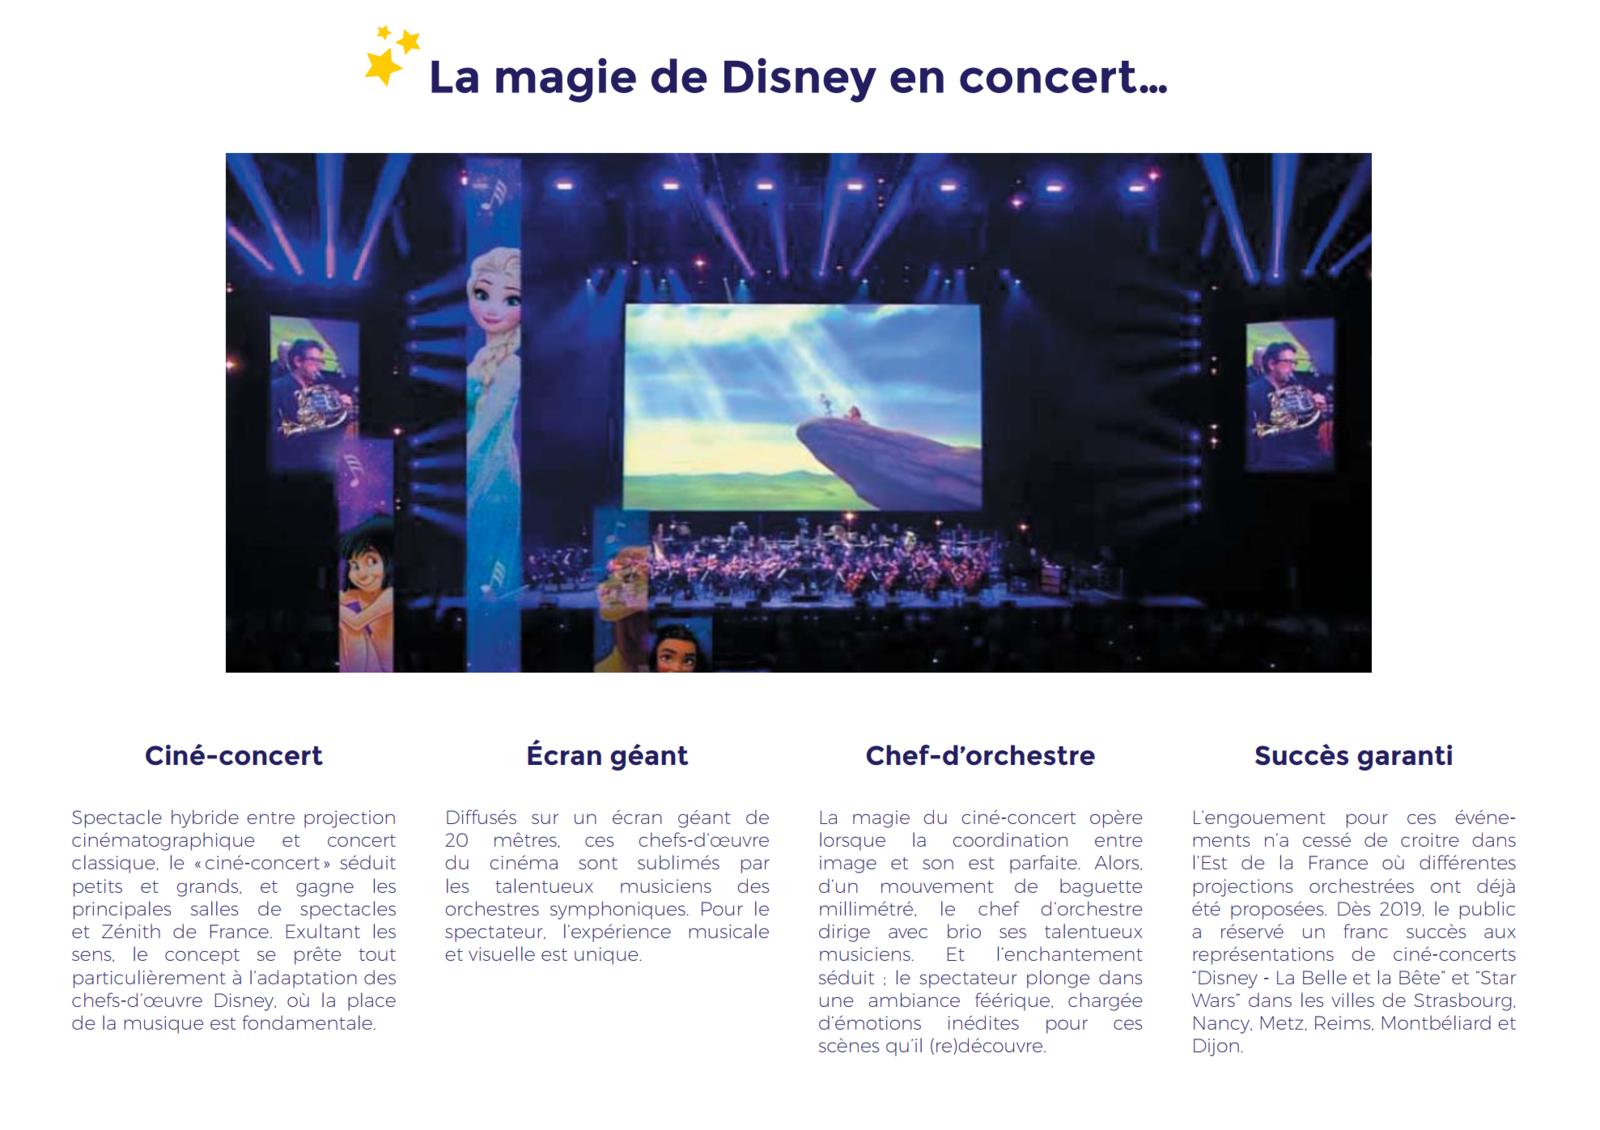 [ACTUALITE] Disney en ciné-concert - la tournée réenchante la France en 2021